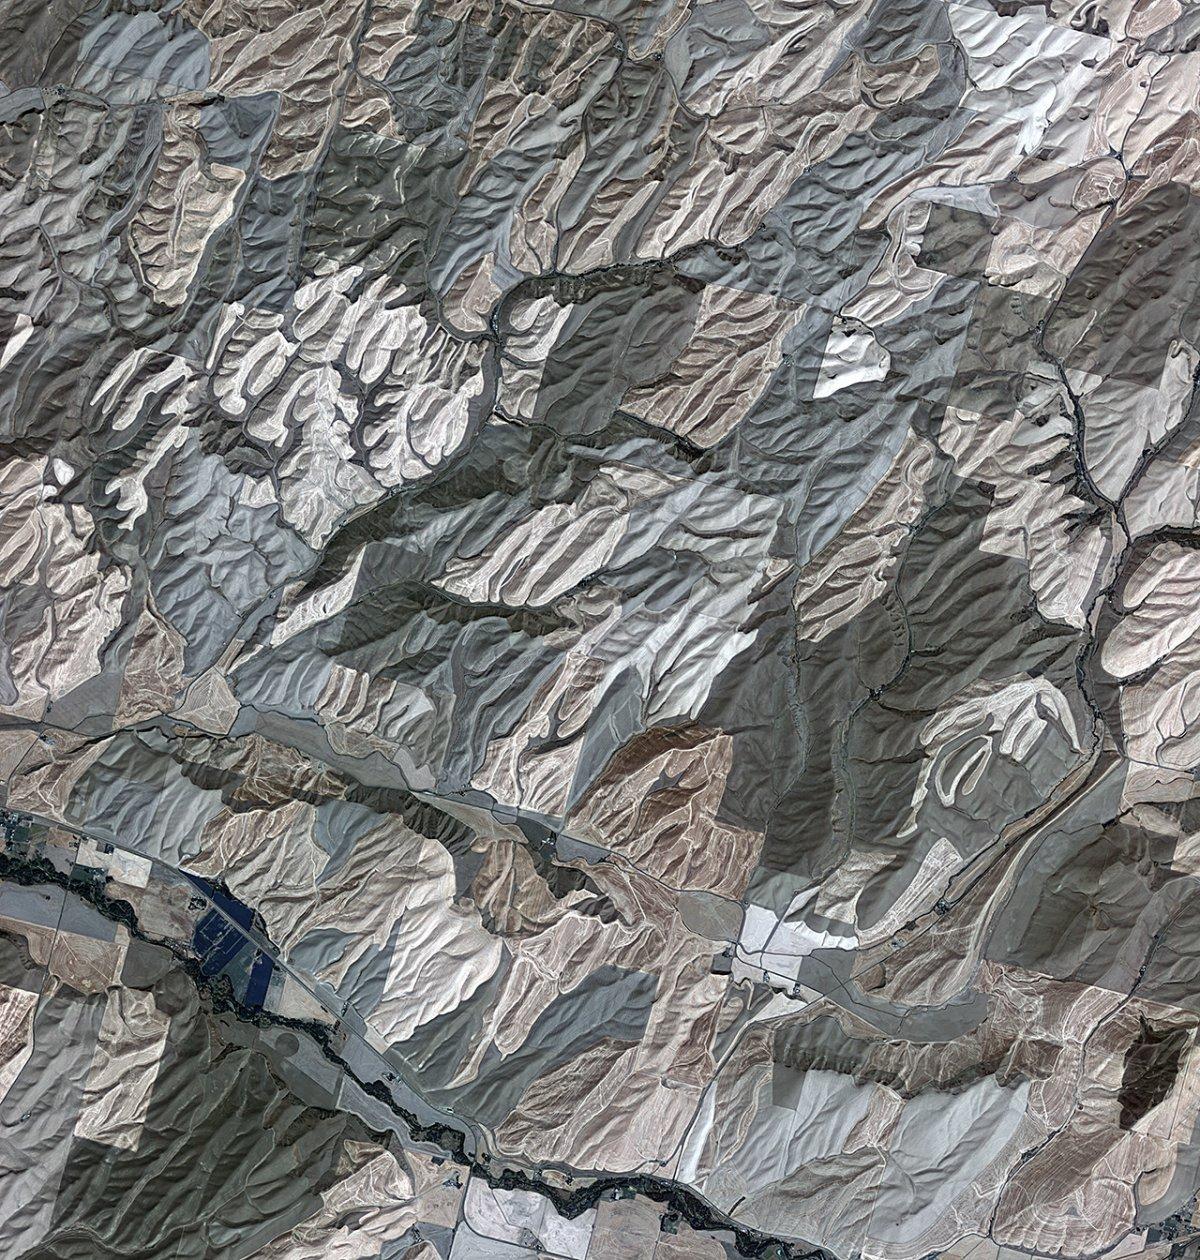 Uma década de observação da Terra a partir do espaço nos deu essas vistas incríveis 15